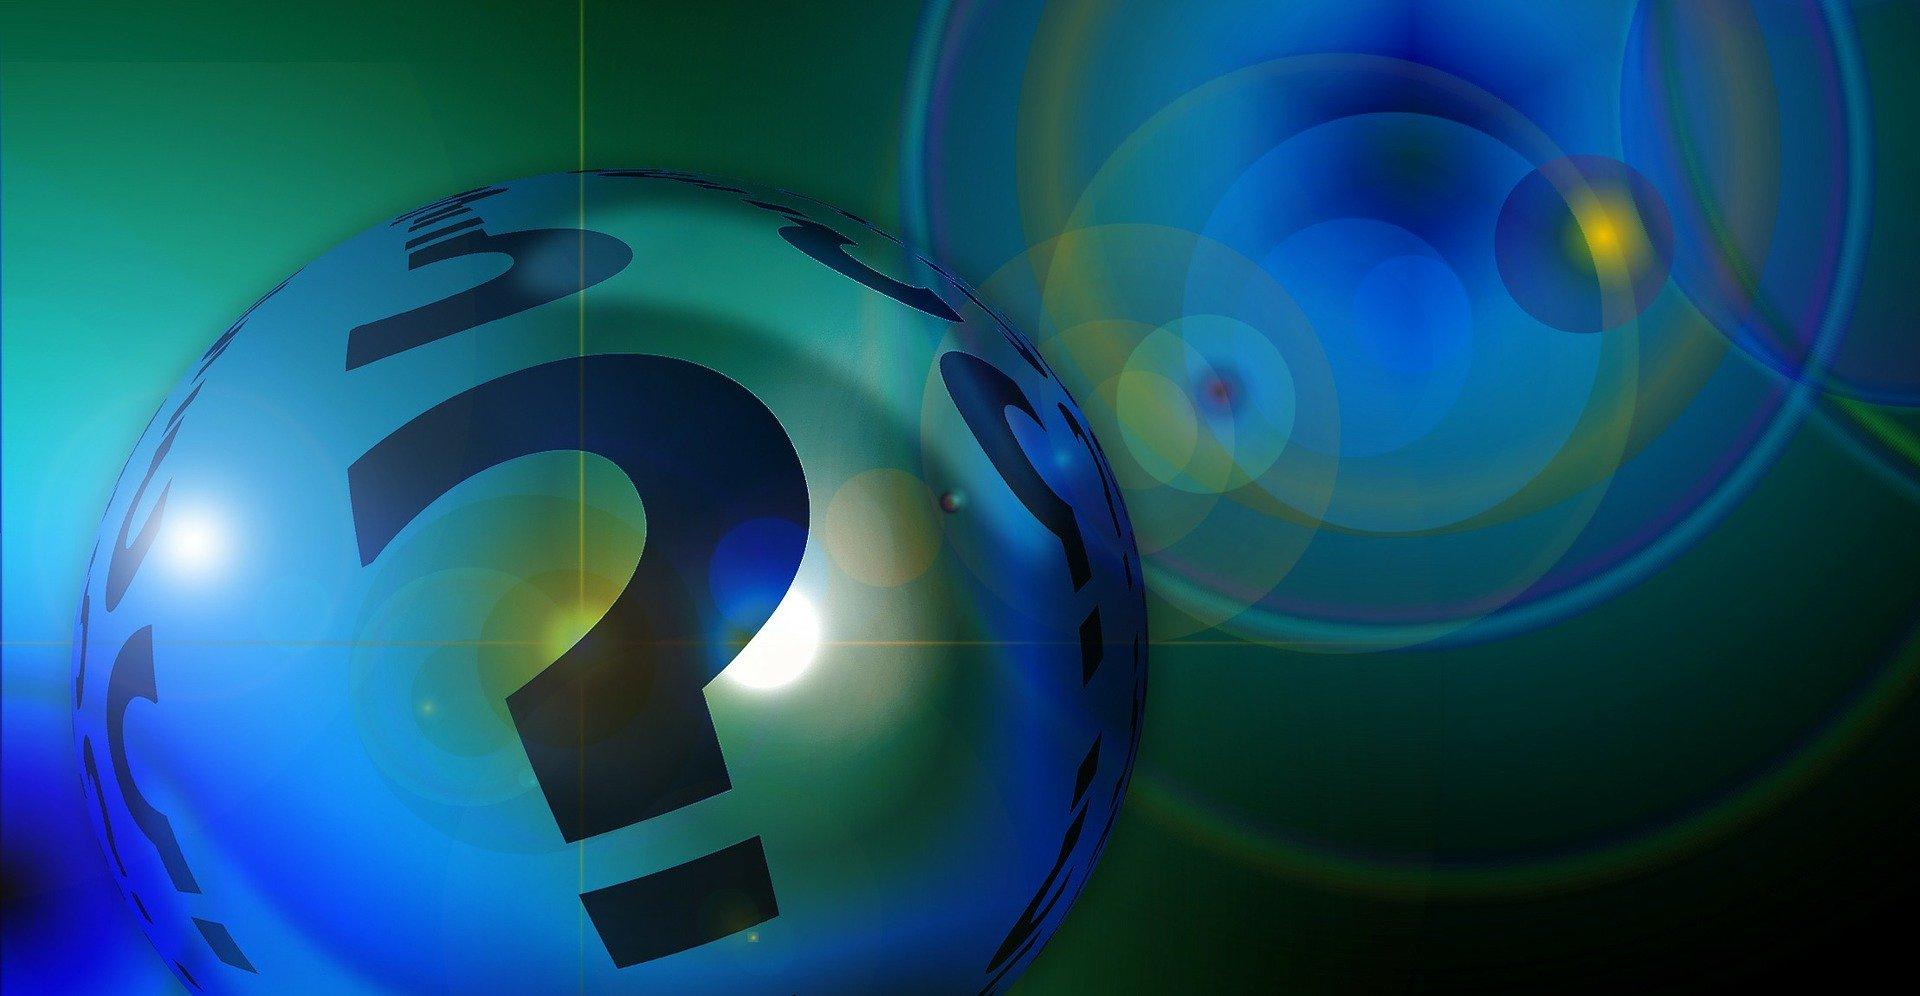 Як зареєструвати договір в органах Казначейства, якщо кошторис затверджено на меншу суму нід укладено договір?